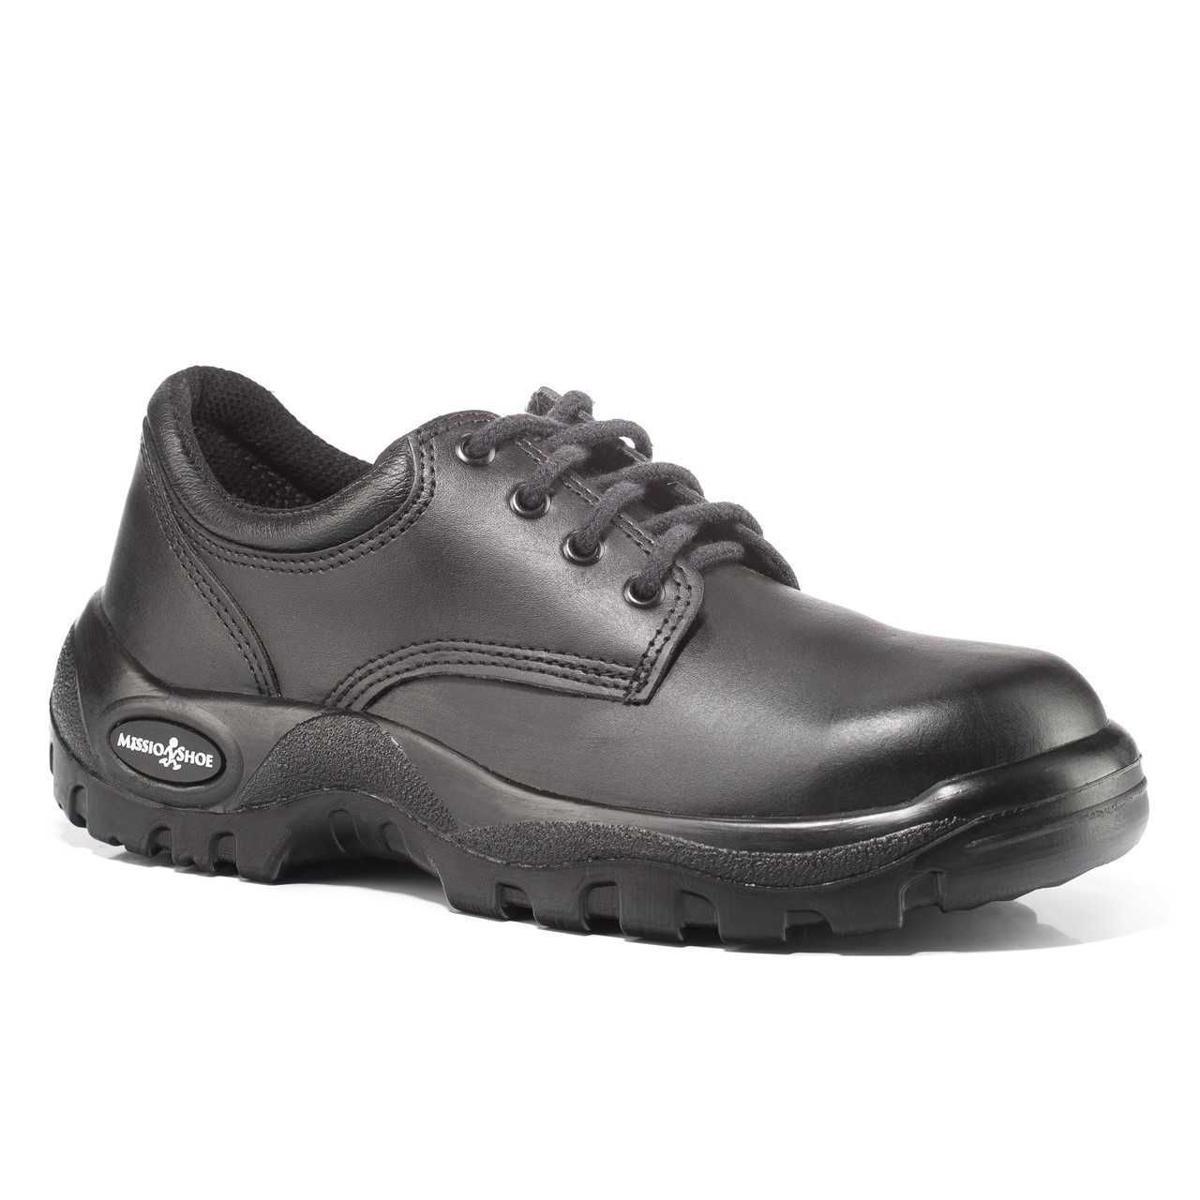 Mission Shoe